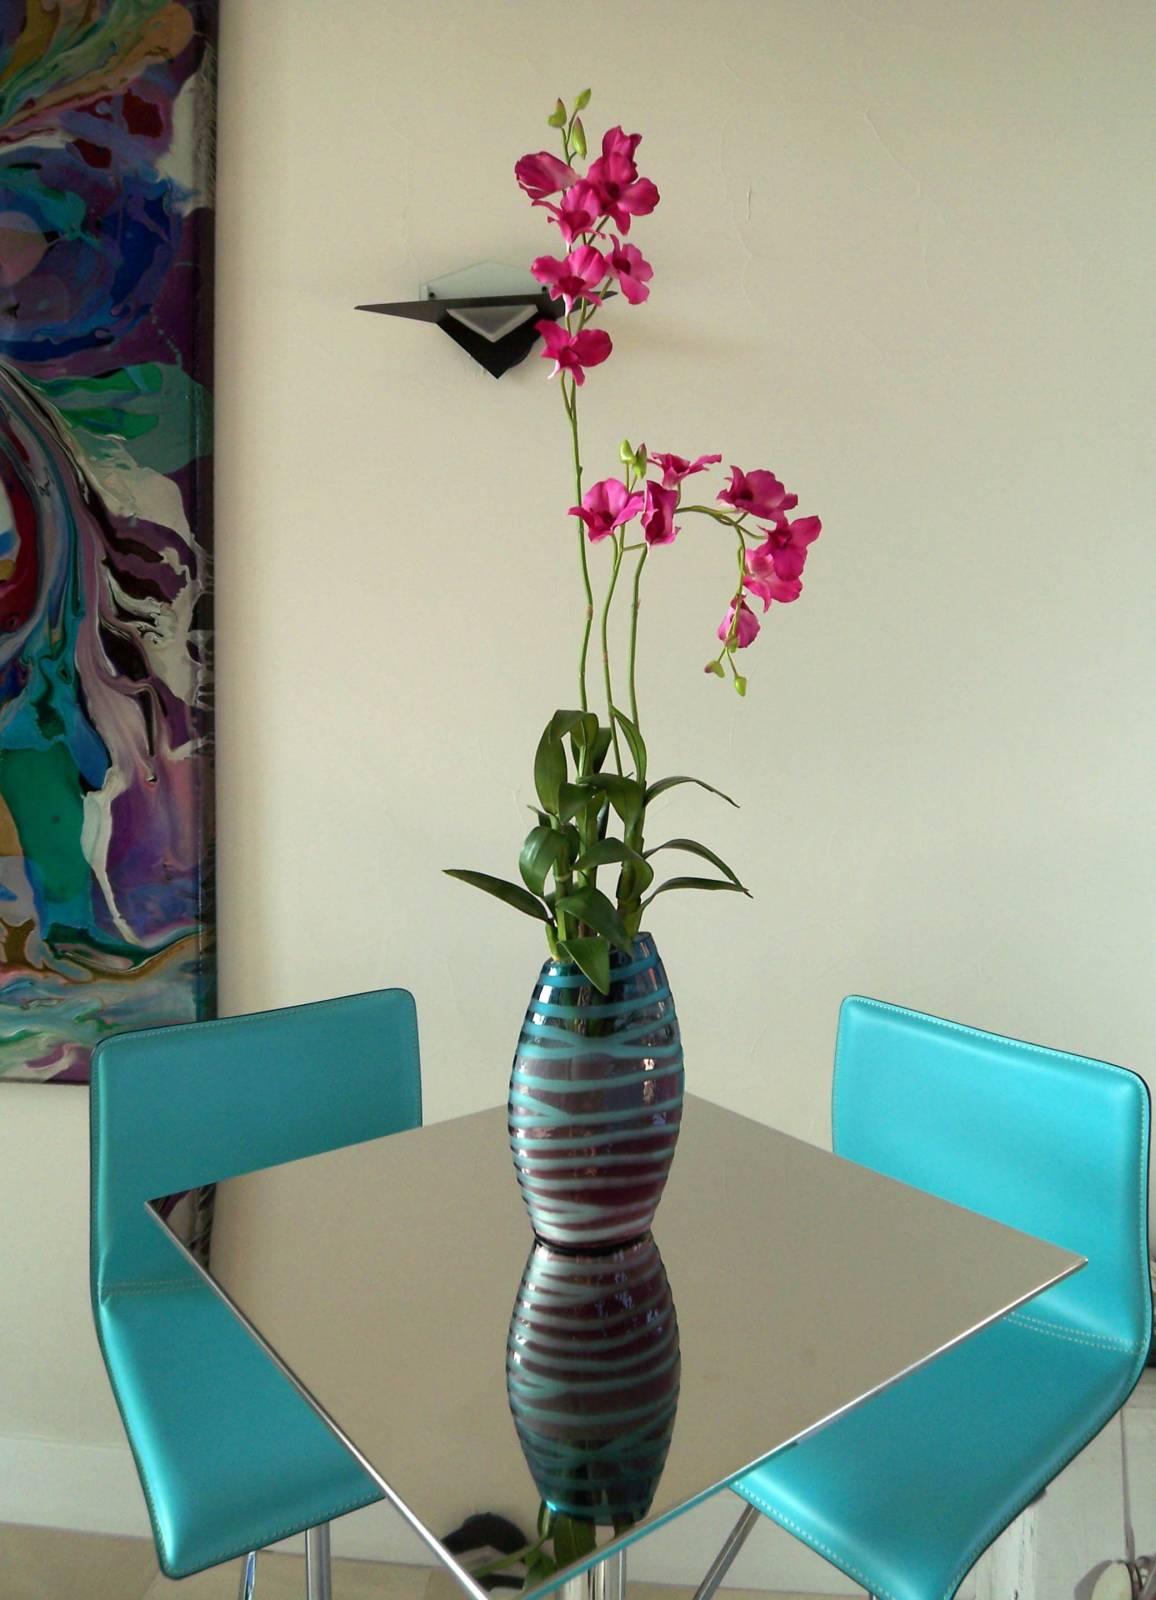 Ваза с цветами фото интерьер квартиры